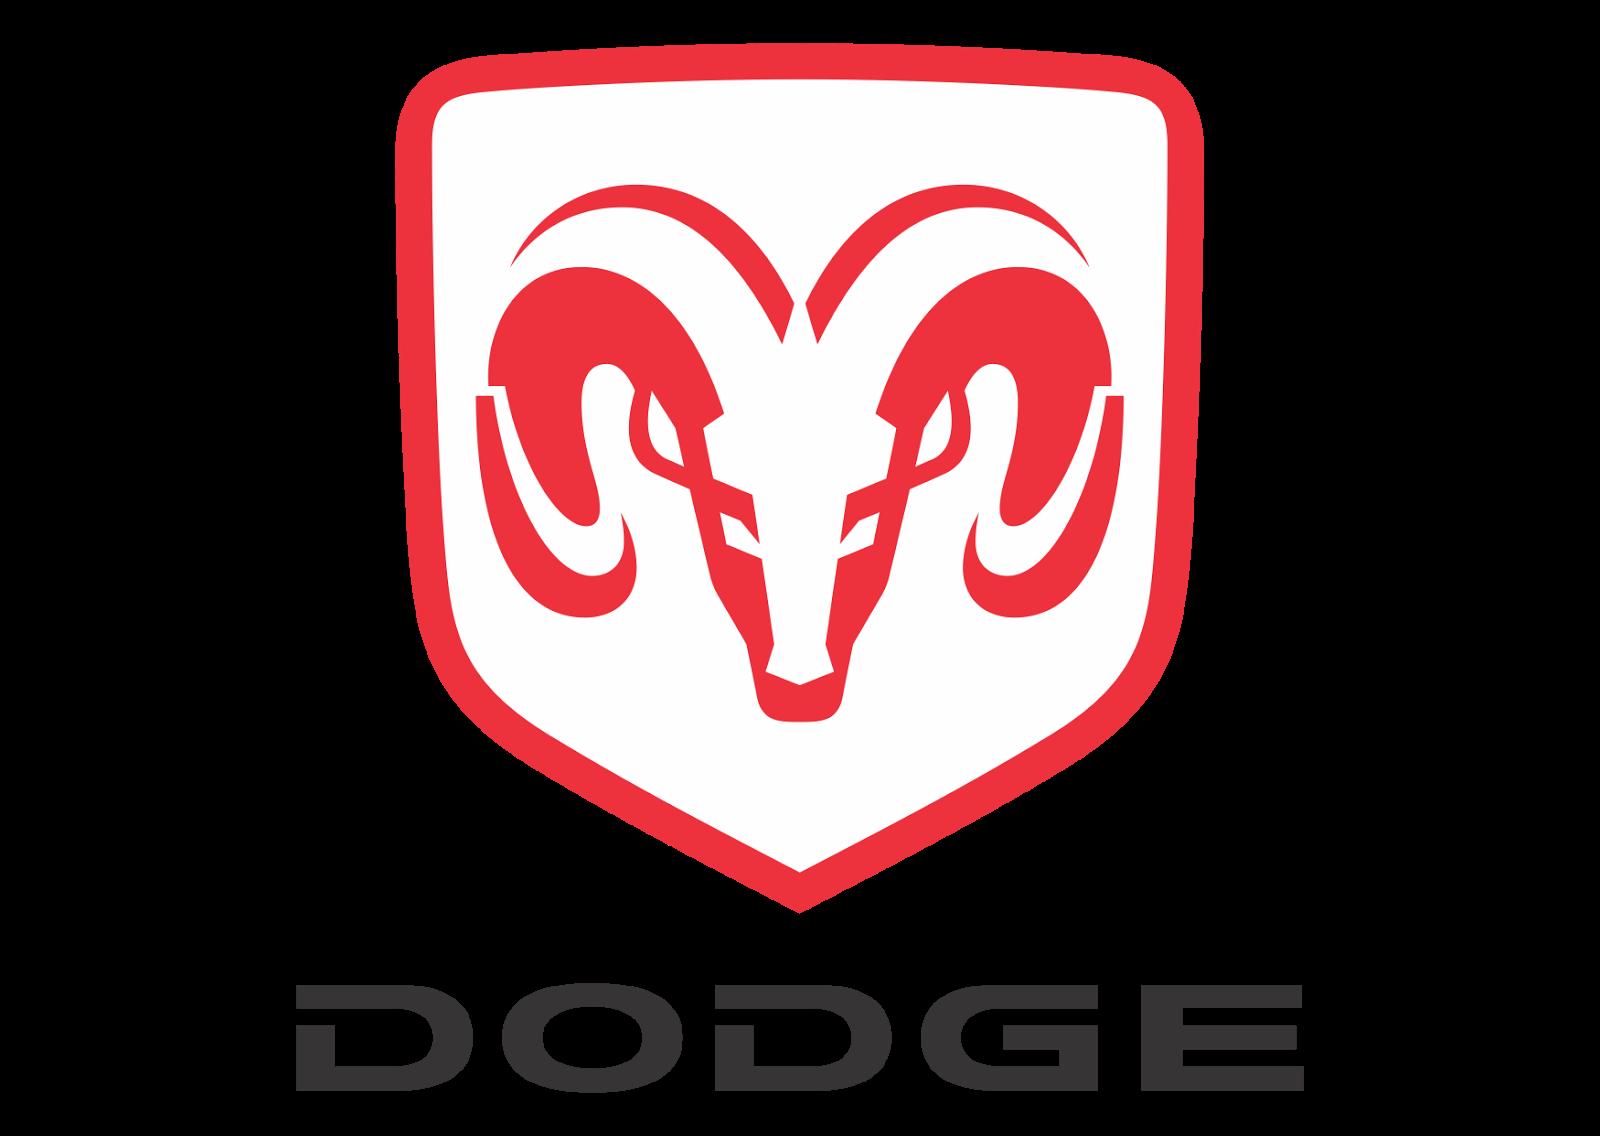 Coche logo